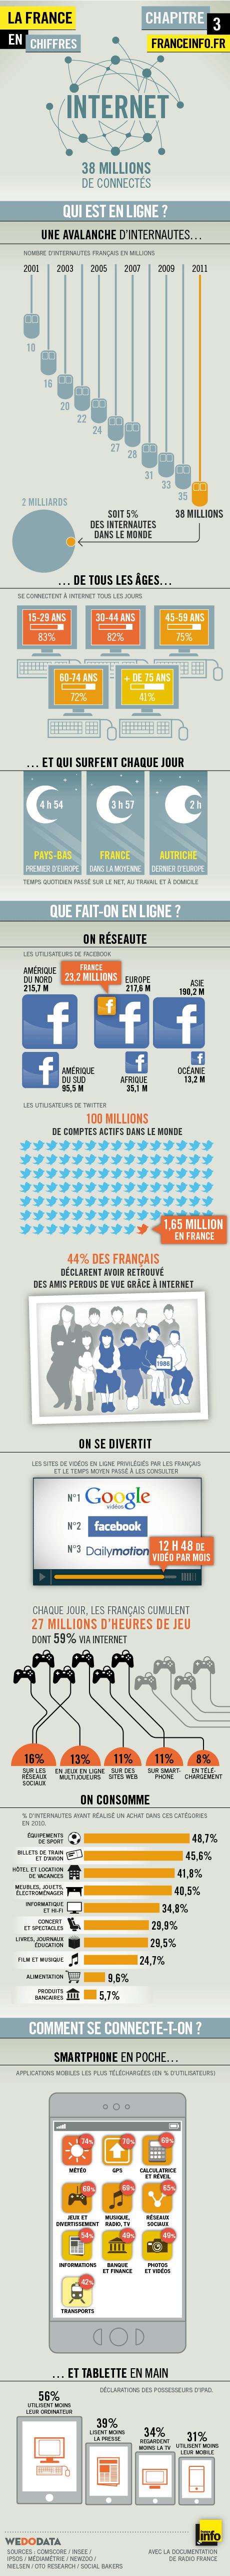 Internet-francais-statistiques